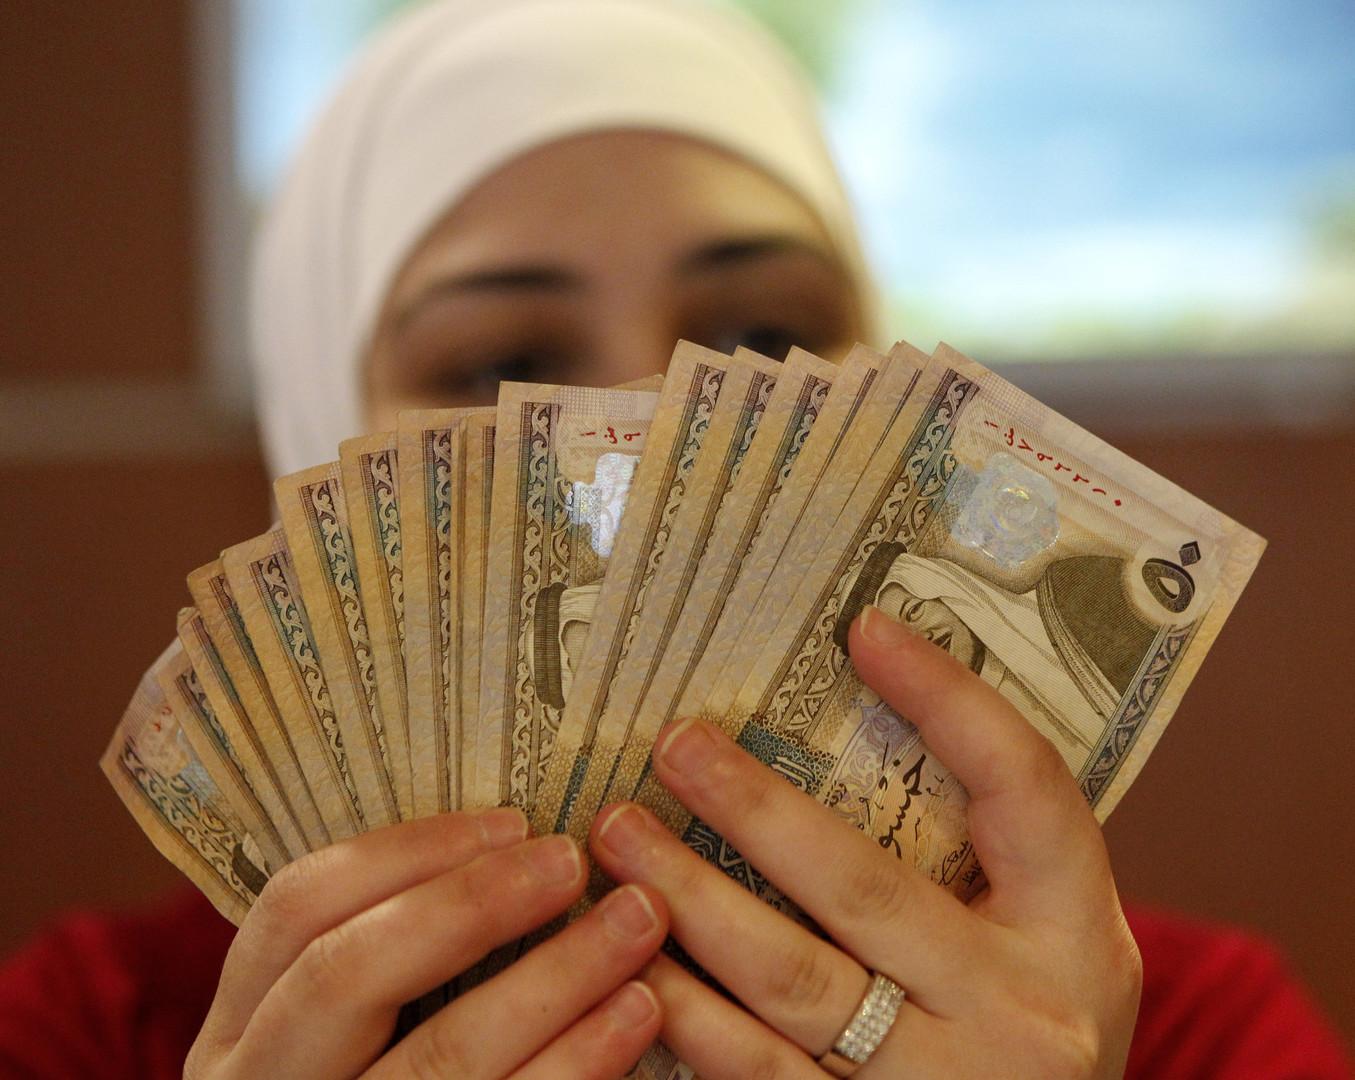 عمليات نصب باسم هيئة حكومية في الأردن